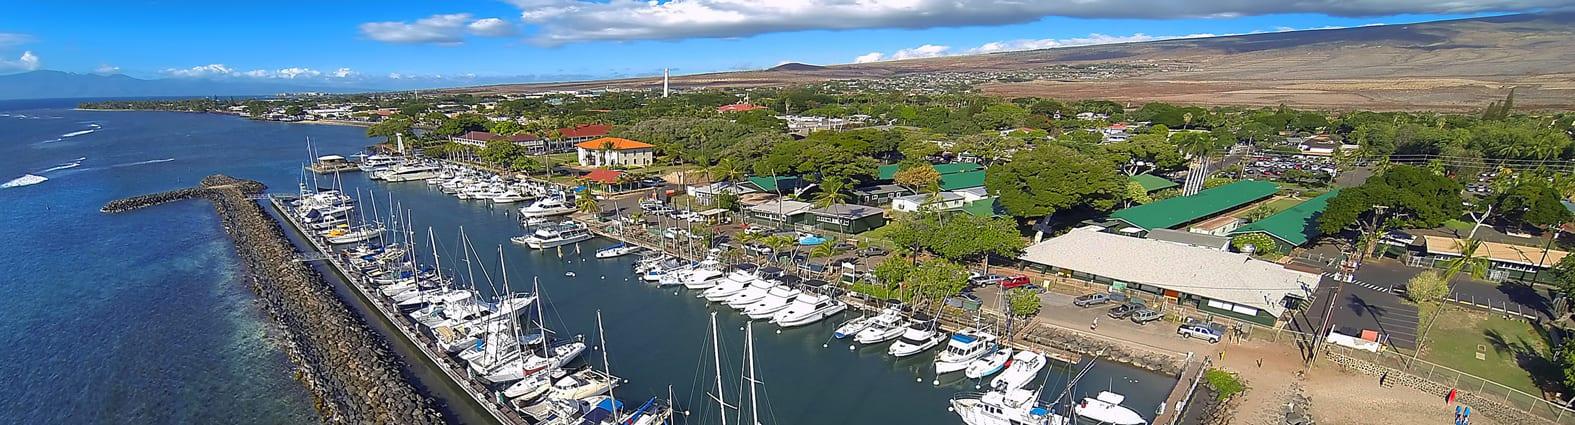 Lahaina Harbor Docks - 2212